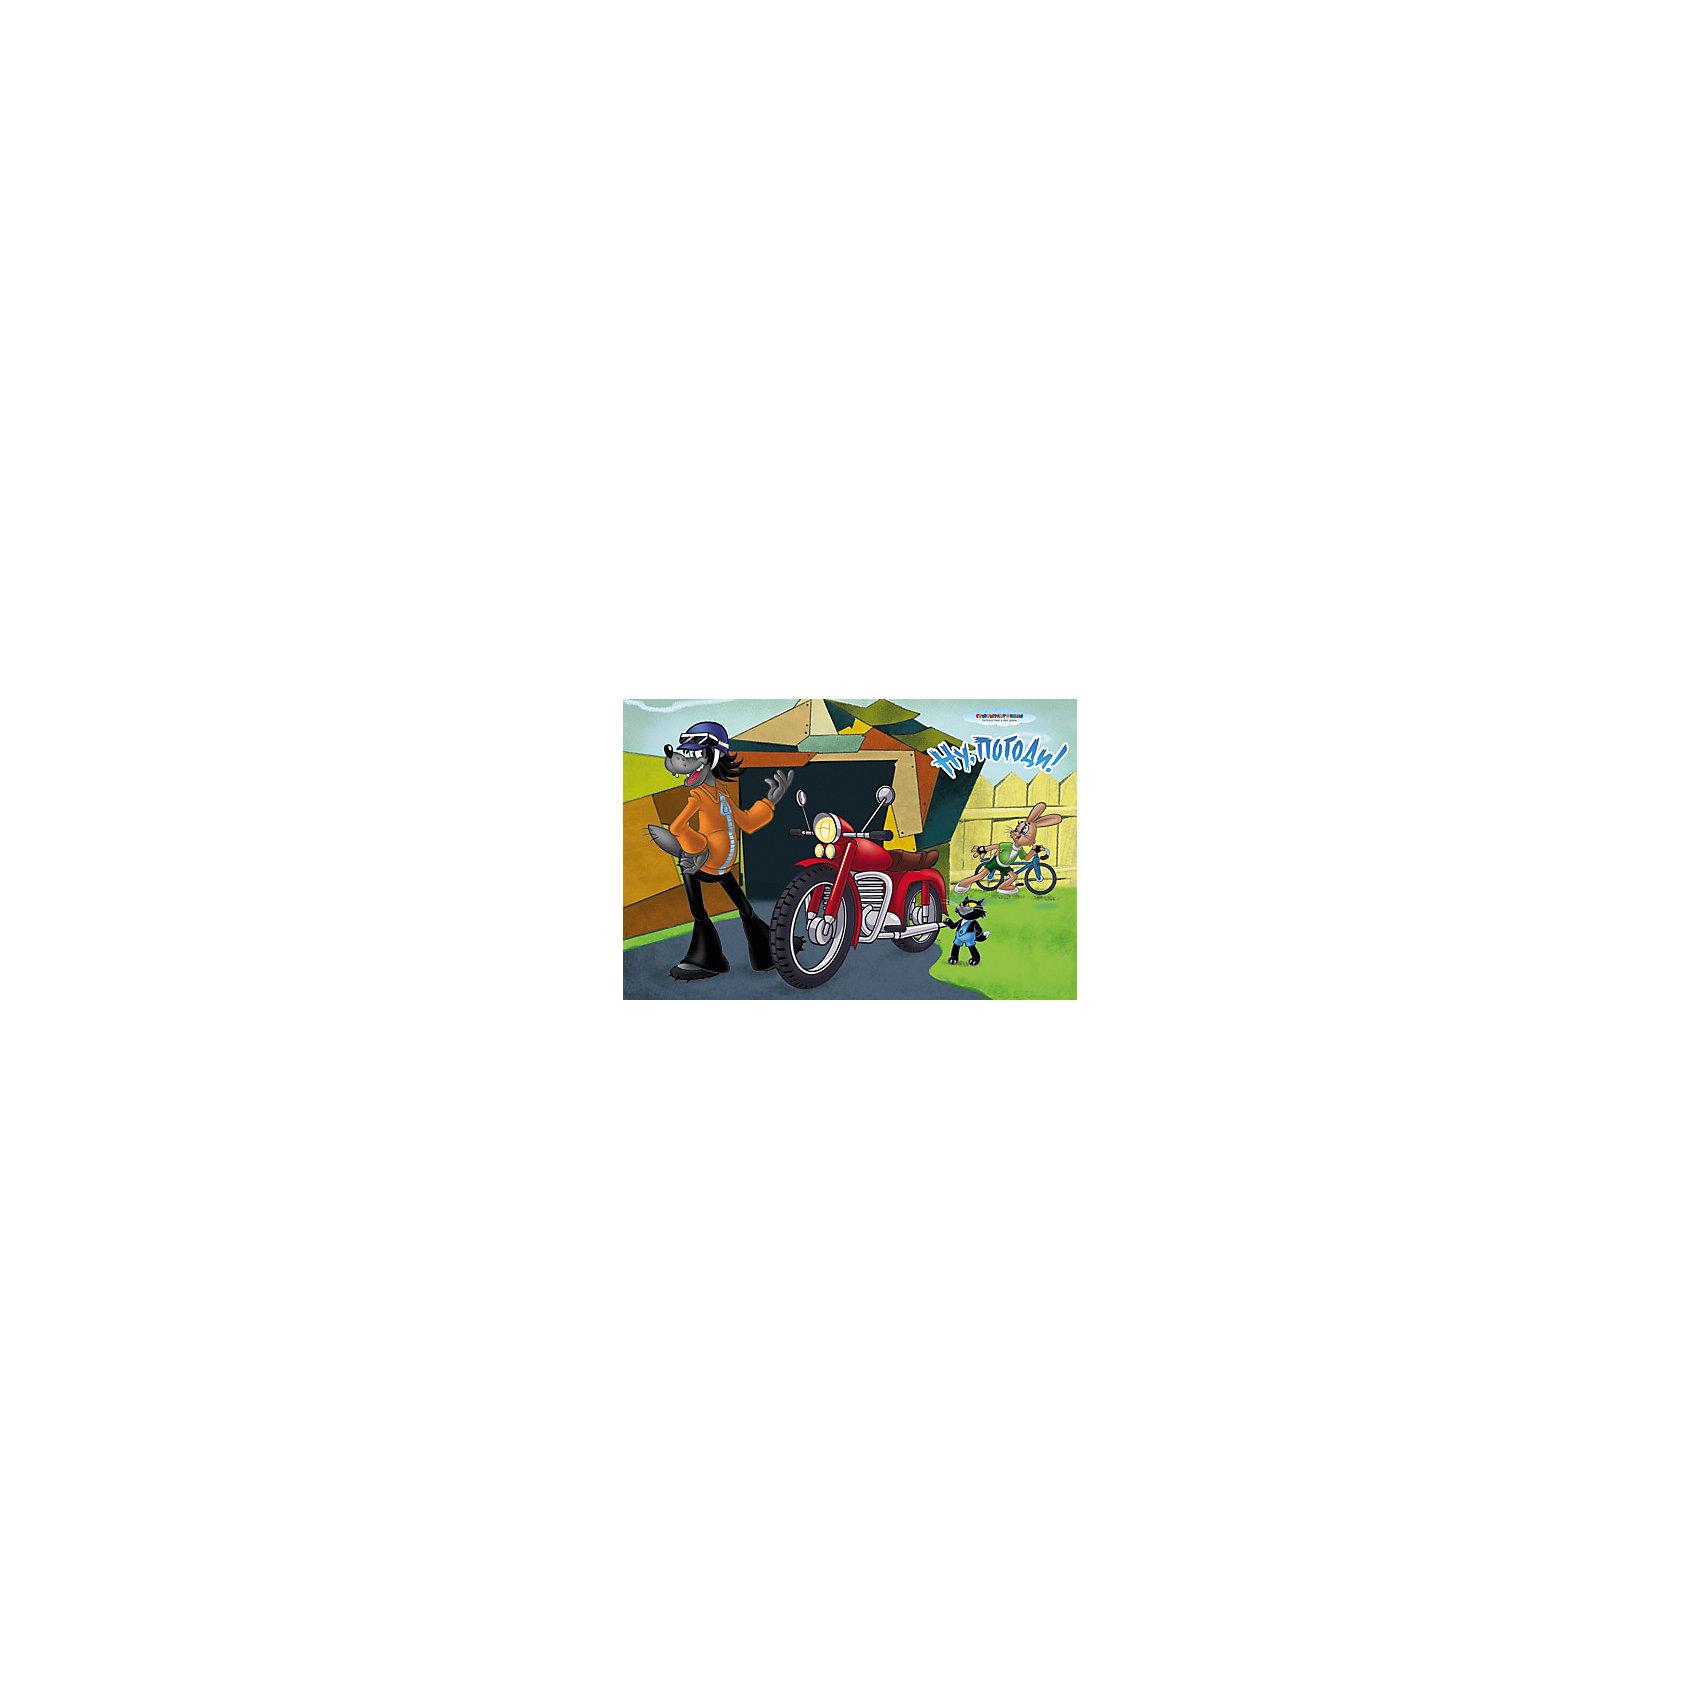 МФК-профит Настольная салфетка «НУ ПОГОДИ! - Мотоцикл» 44х28 см, дизайн 3Д кальян 3д модель